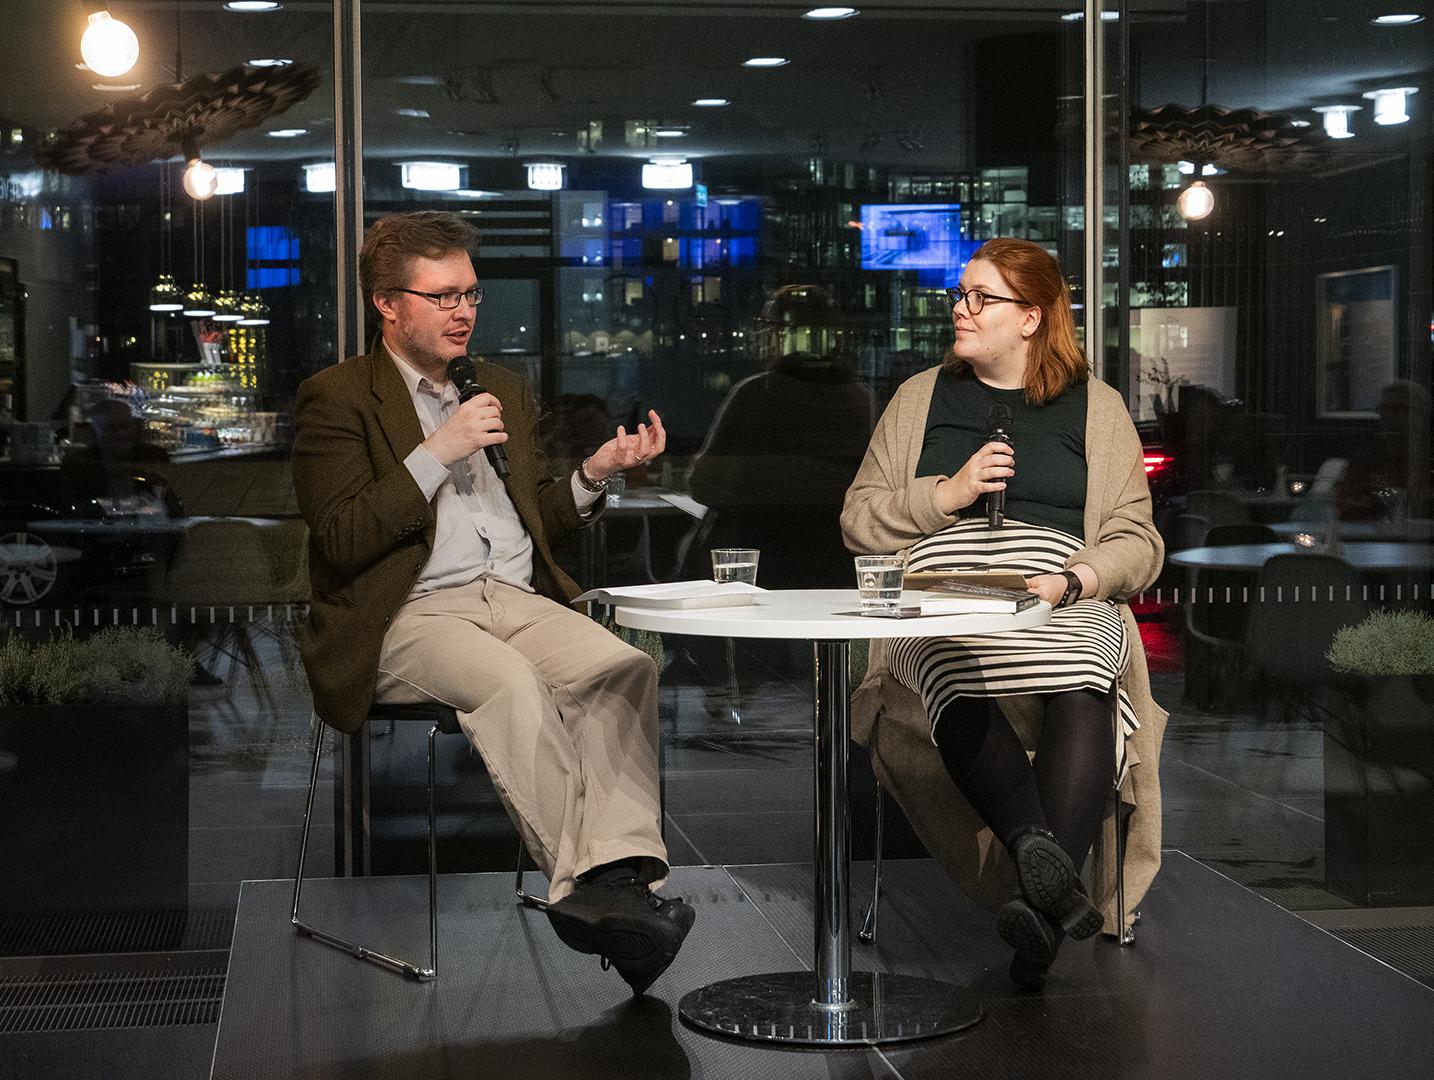 Haastateltava ja haastattelija istuvat tuoleilla lavalla ja keskustelevat.